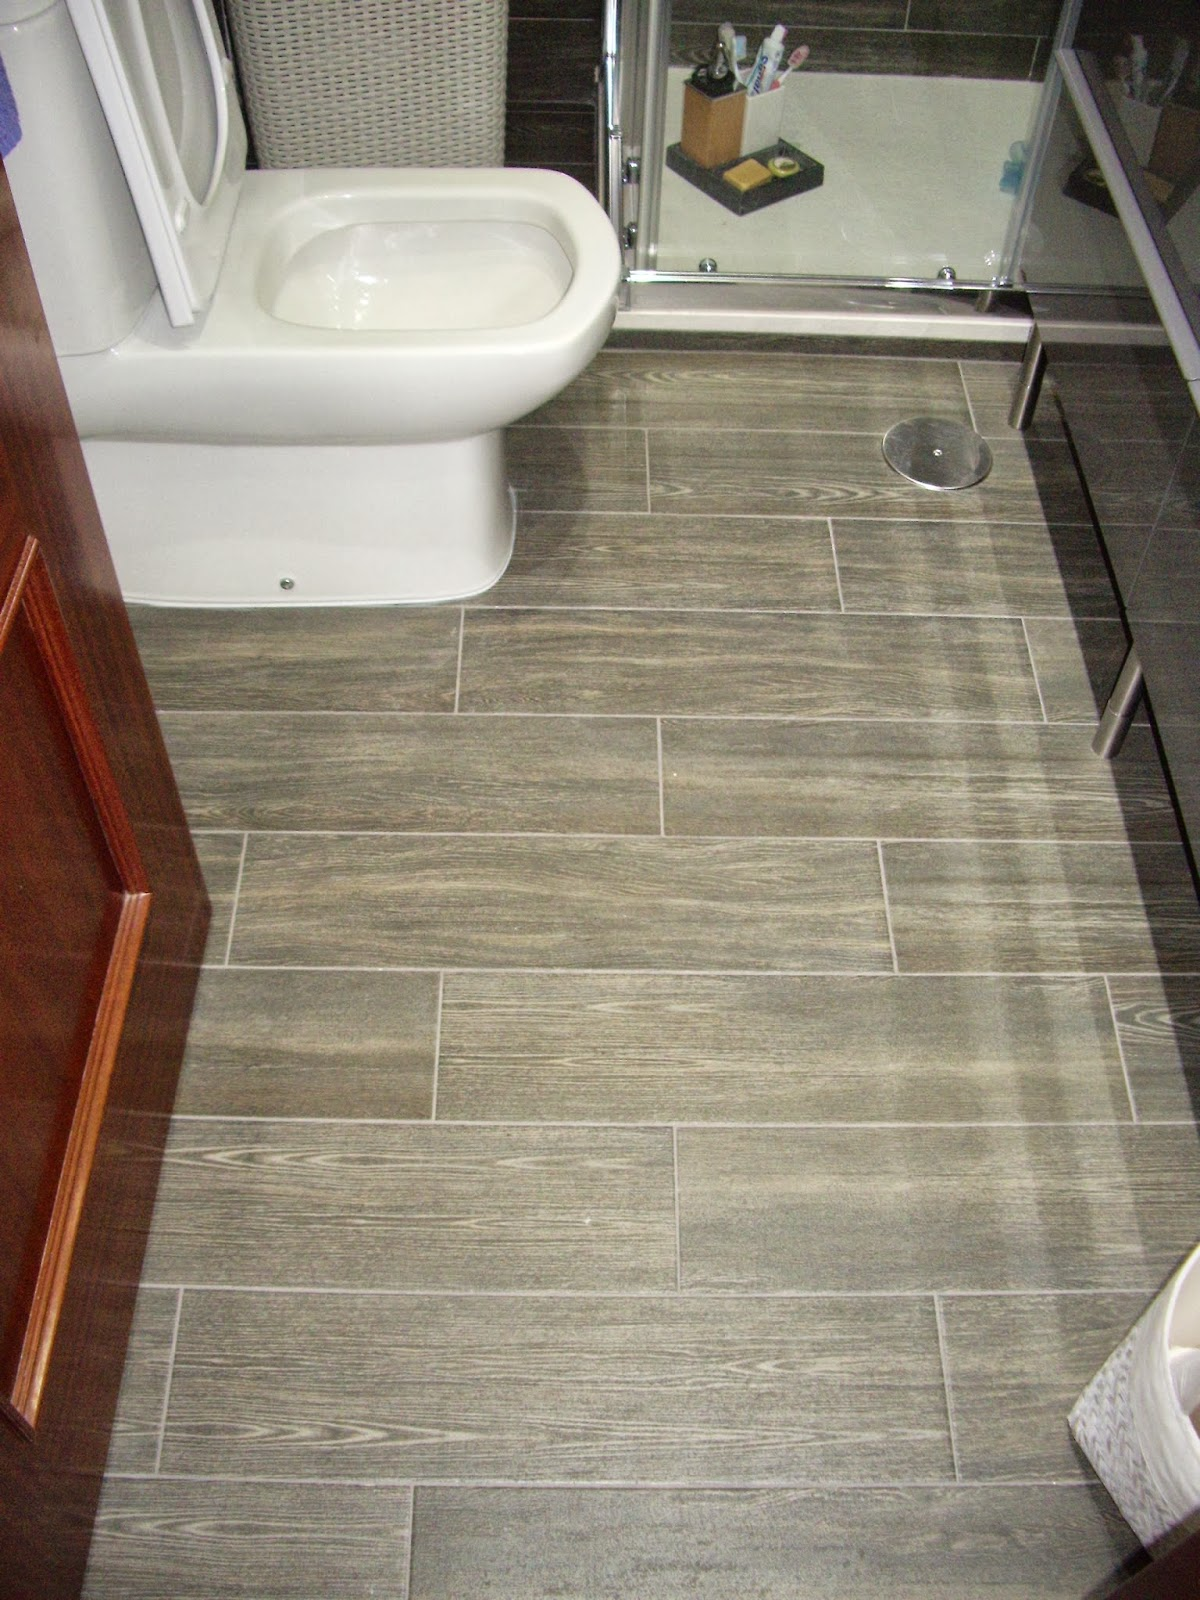 Baldosassa suelos porcel nicos imitacion madera - Suelos imitacion a madera ...